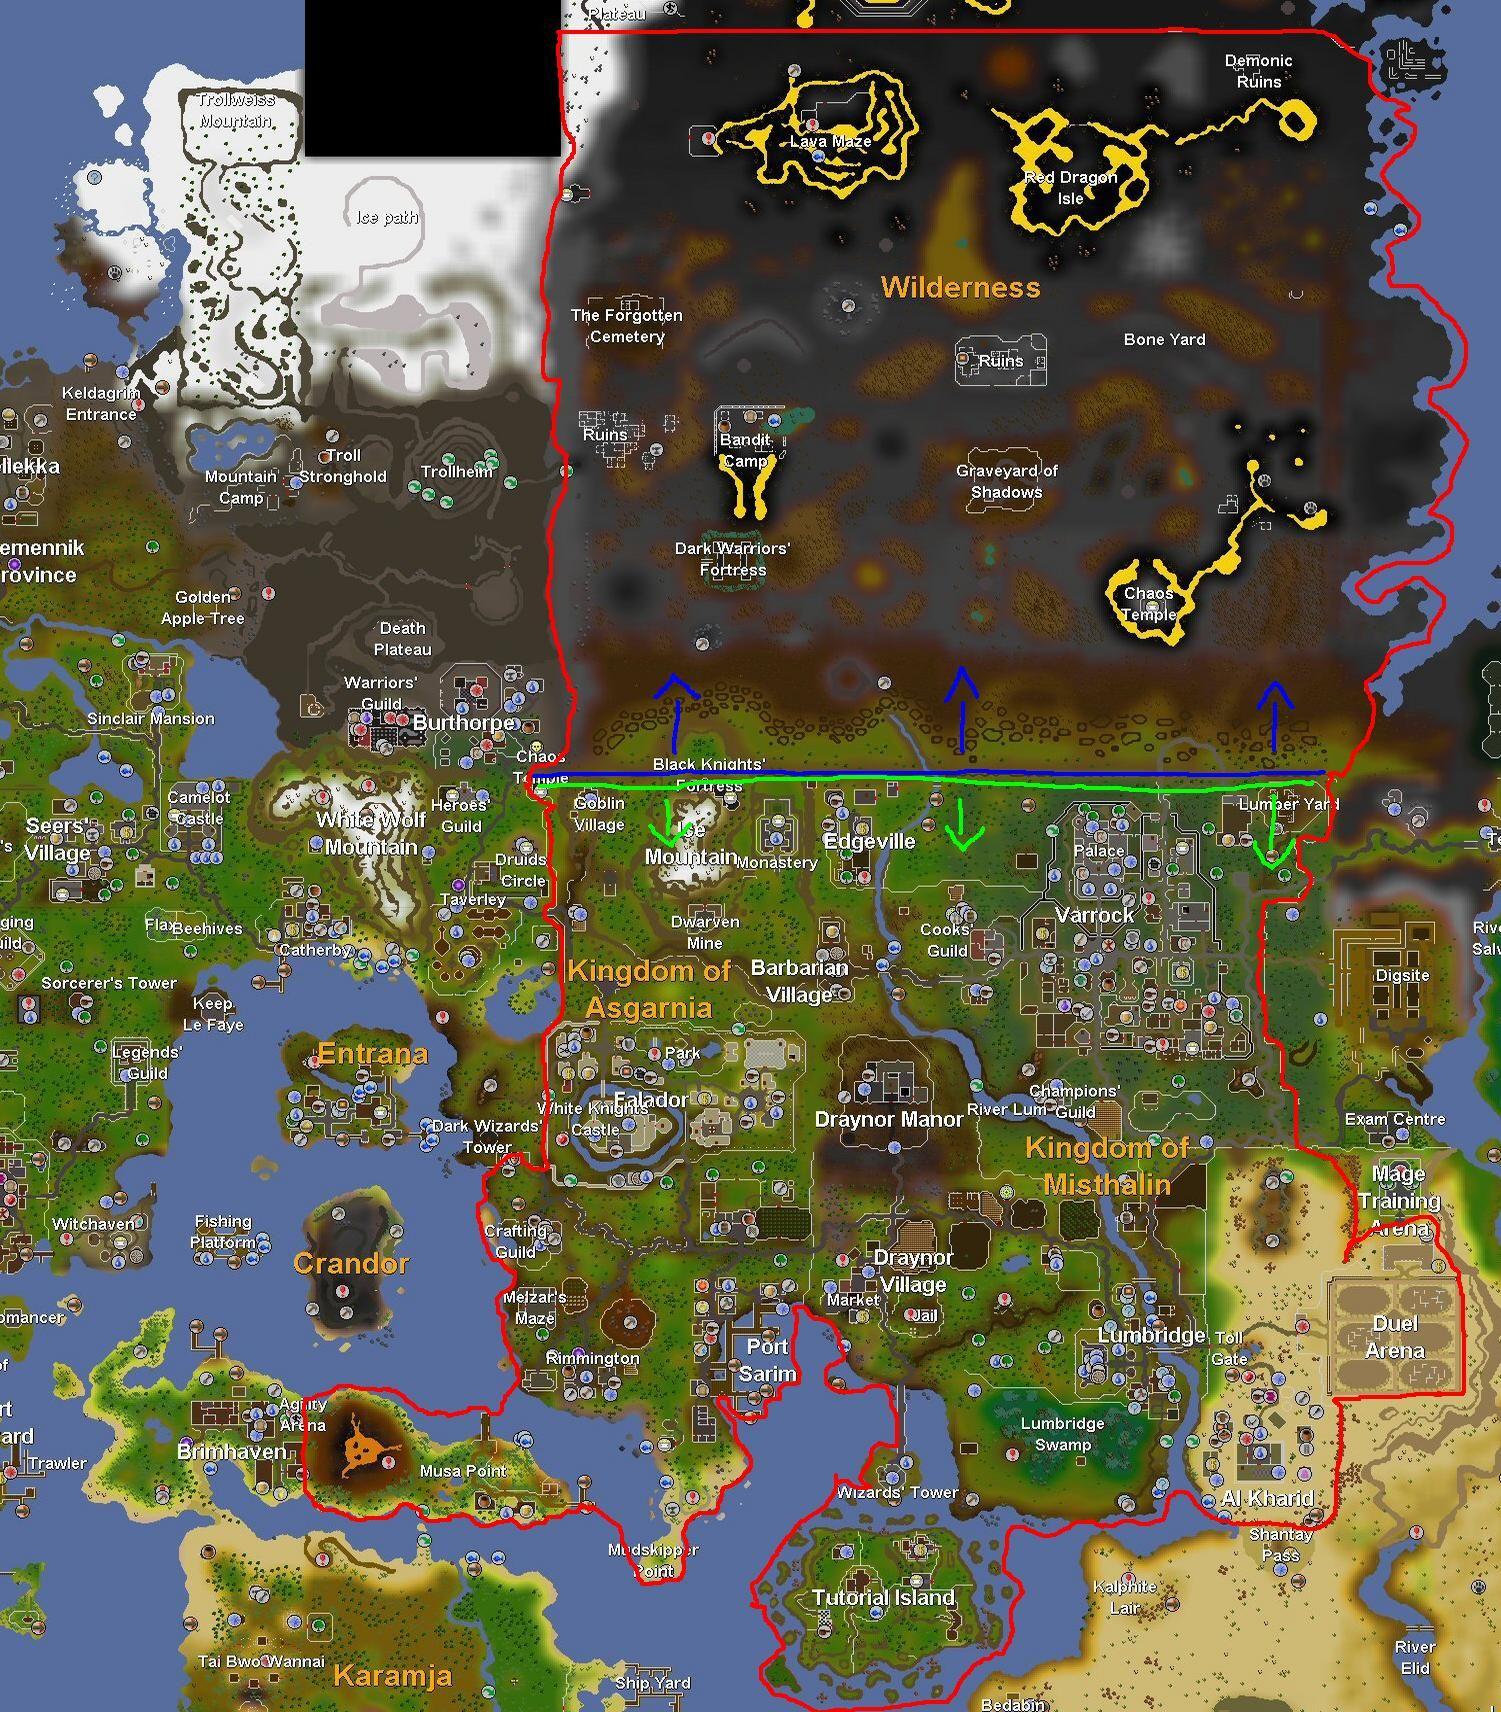 Runescape Map (full Full Map: Osrs_world_map_april_2015g)